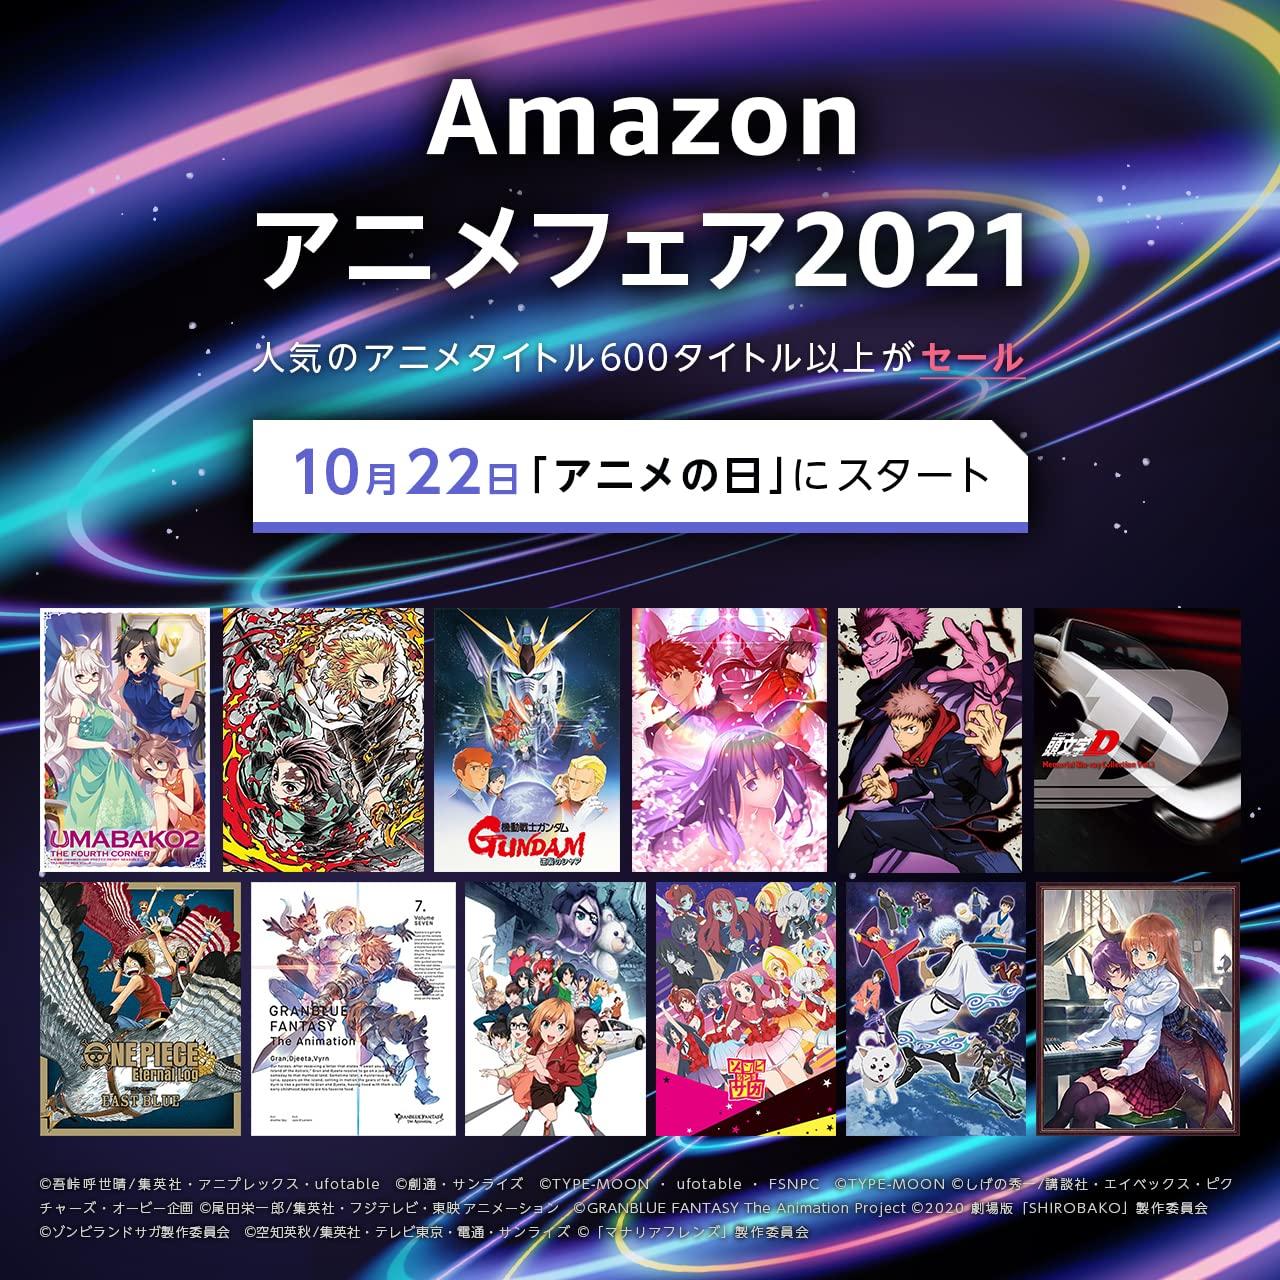 「Amazonアニメフェア2021」アニメDVD/Blu-rayがセール